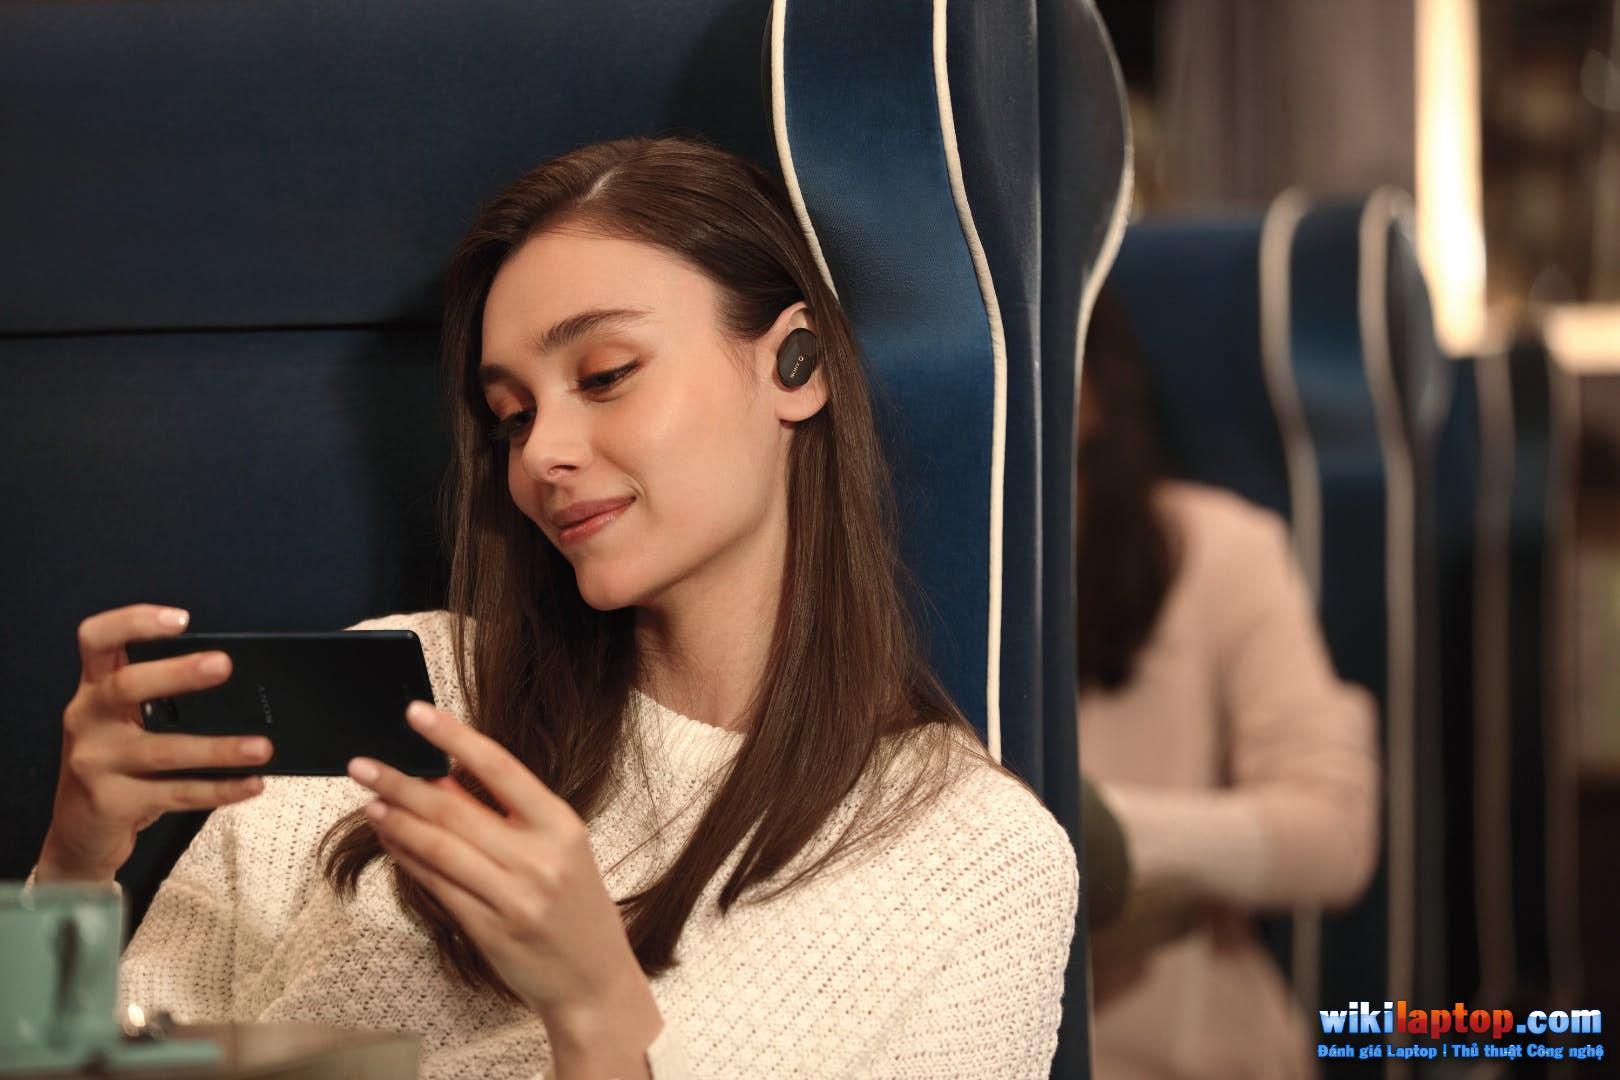 Sforum - Sony-wf-1000xm3-anc-true-không dây-tai nghe-5 trang thông tin công nghệ Sony WF-1000XM3 lợi thế